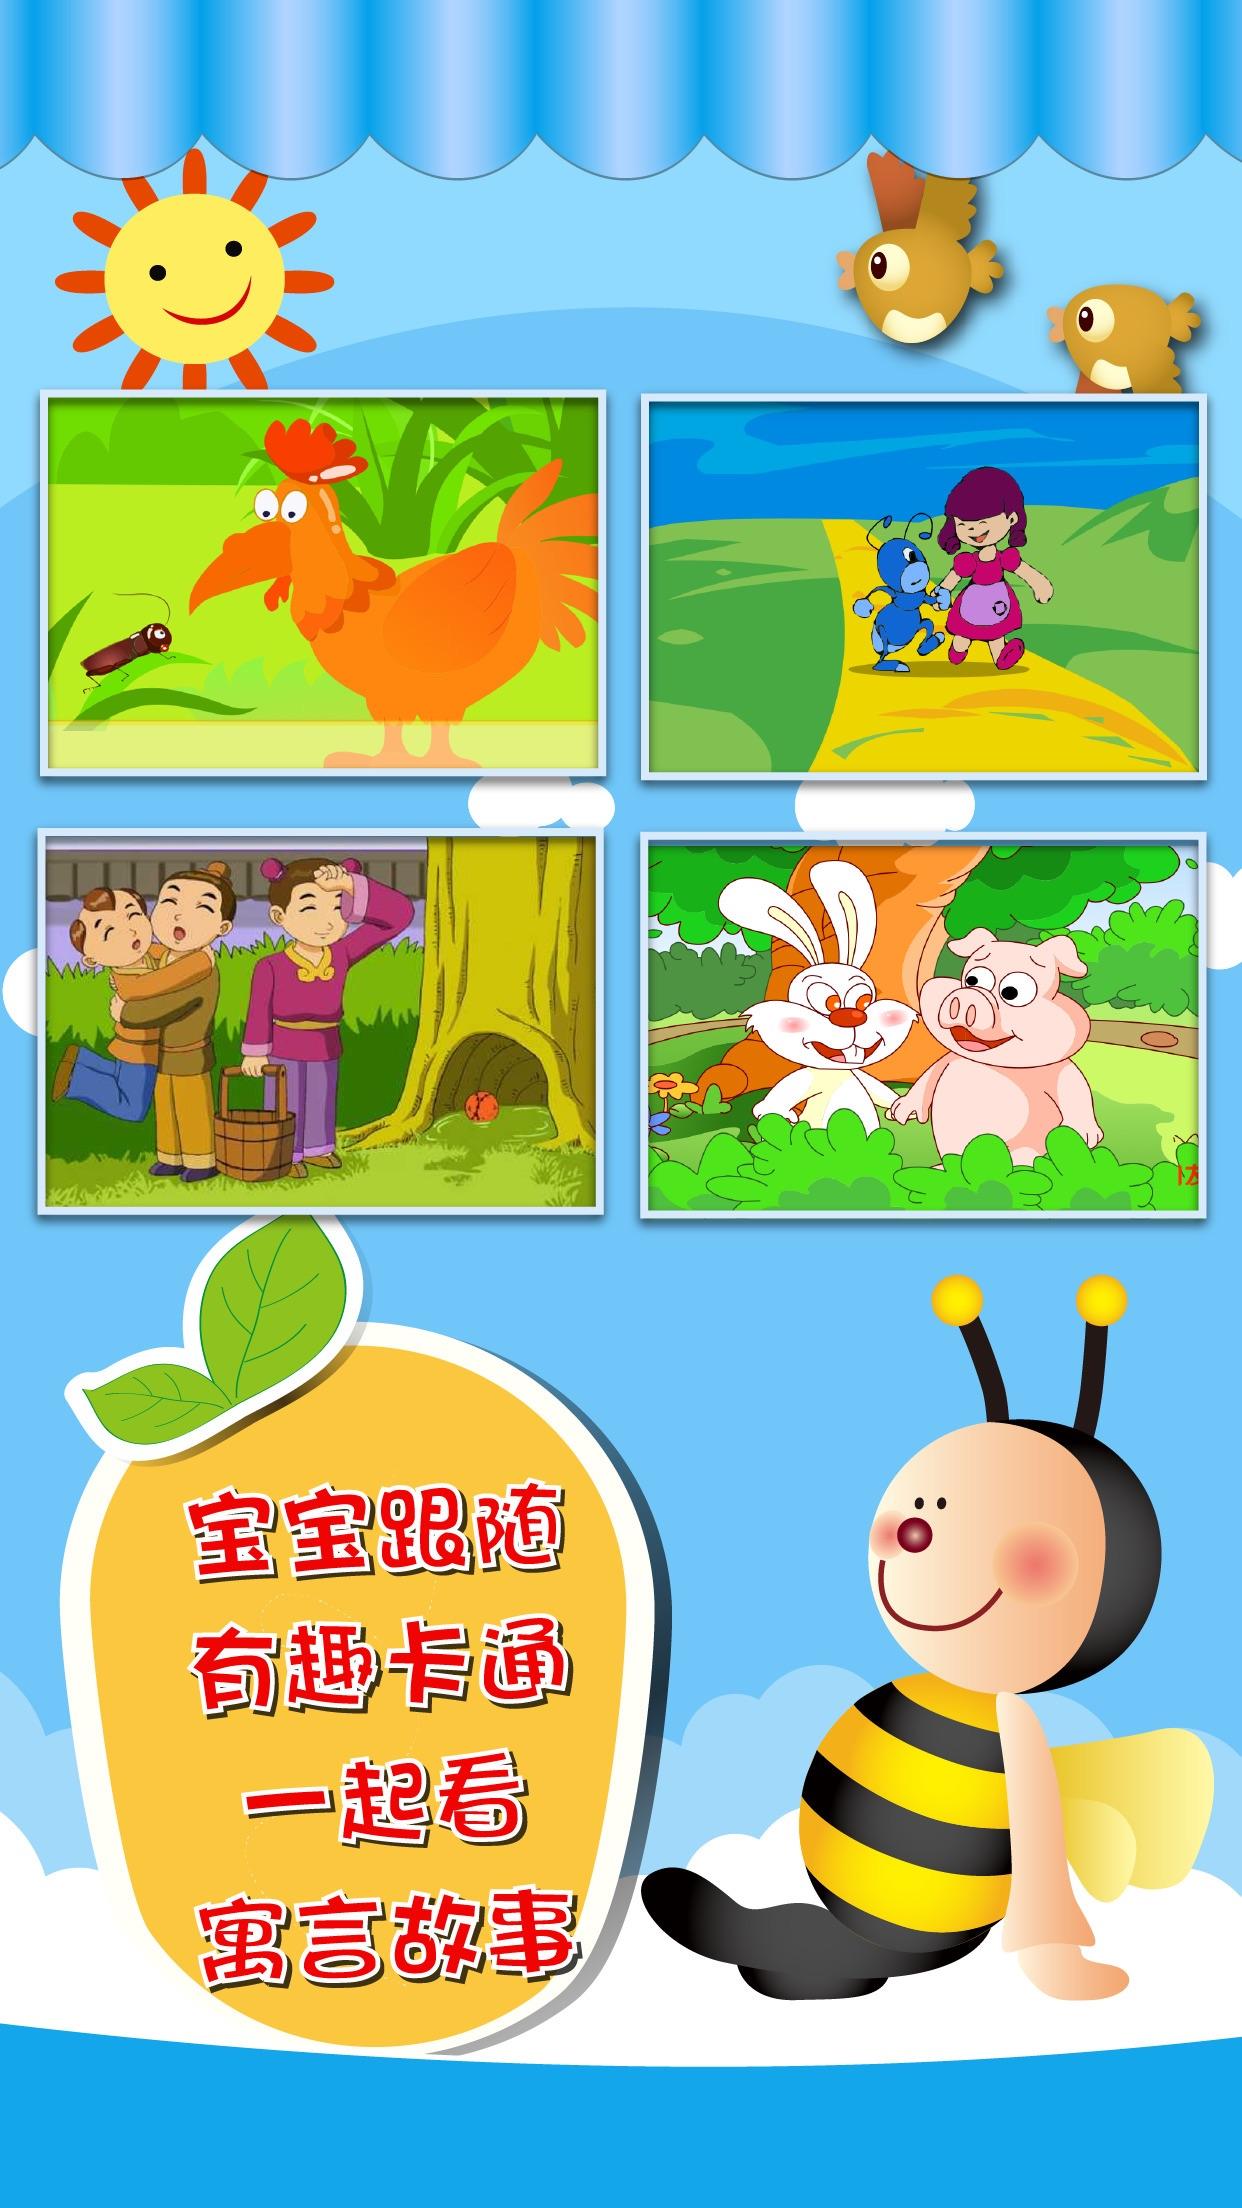 睡前故事-幼儿有声童话故事 Screenshot